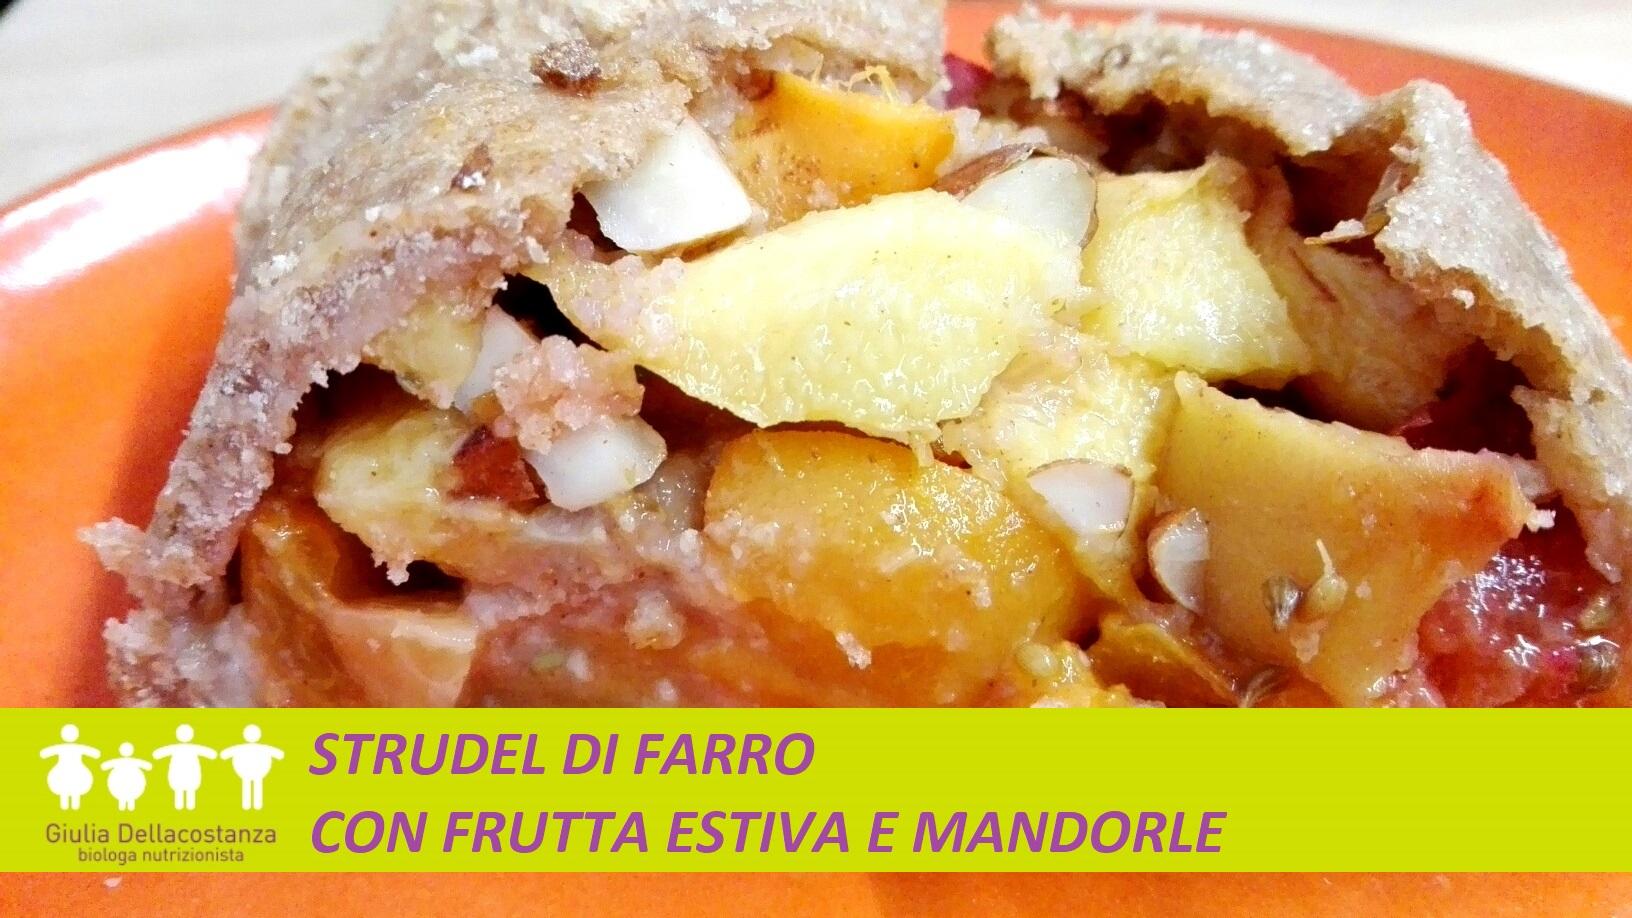 La colazione con strudel di farro farcito con frutta estiva e mandorle.